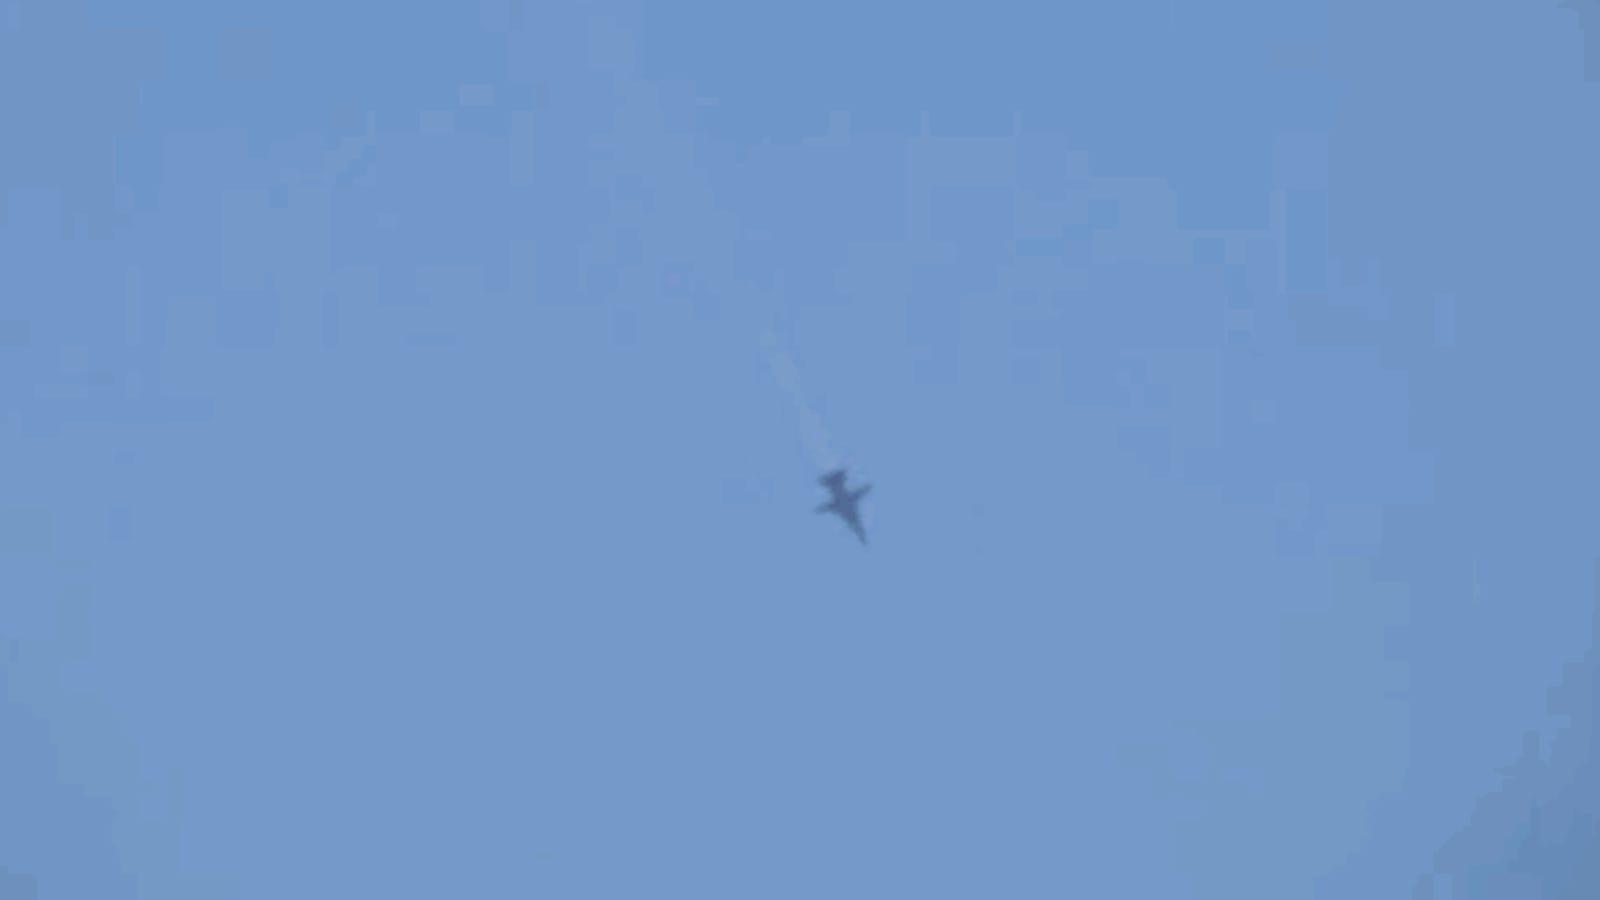 F-16 turcos abaten a un SU-24 ruso por violación del espacio aéreo en la frontera con Siria